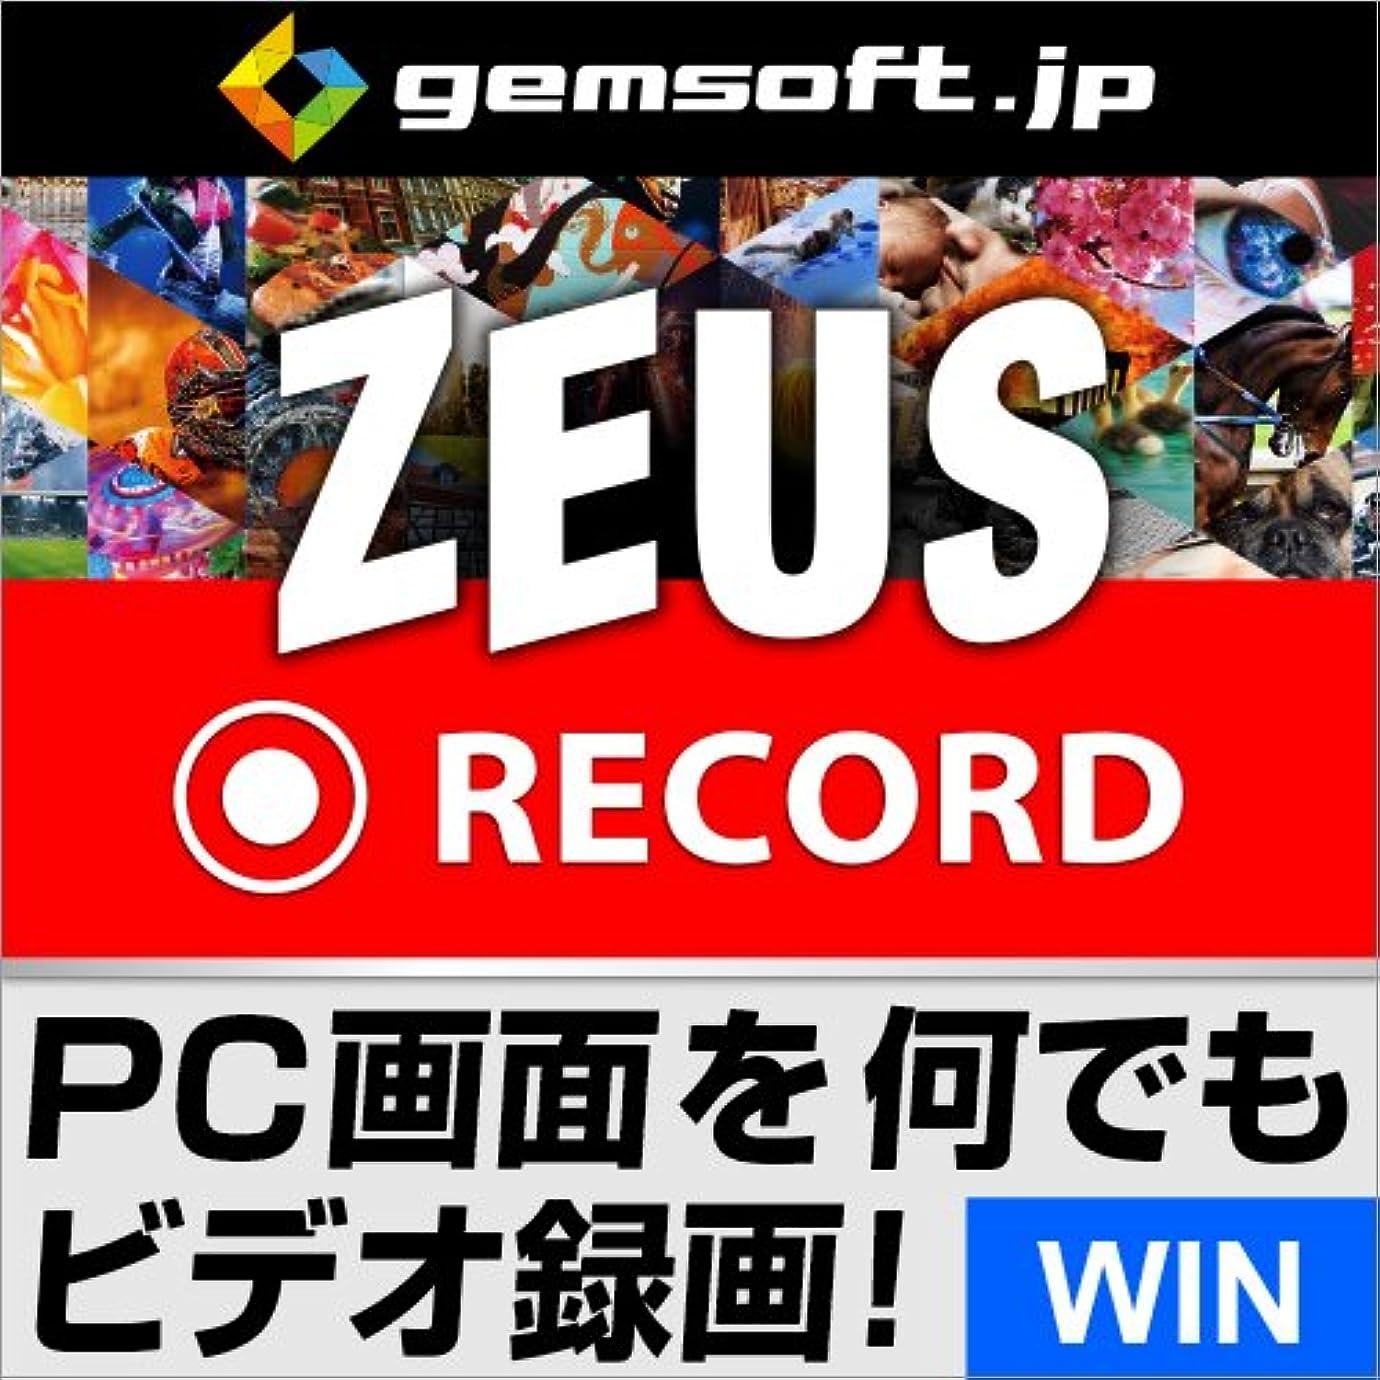 富私たちの良さZEUS Record 録画万能 ~パソコン画面をビデオ録画 Windows版|ダウンロード版